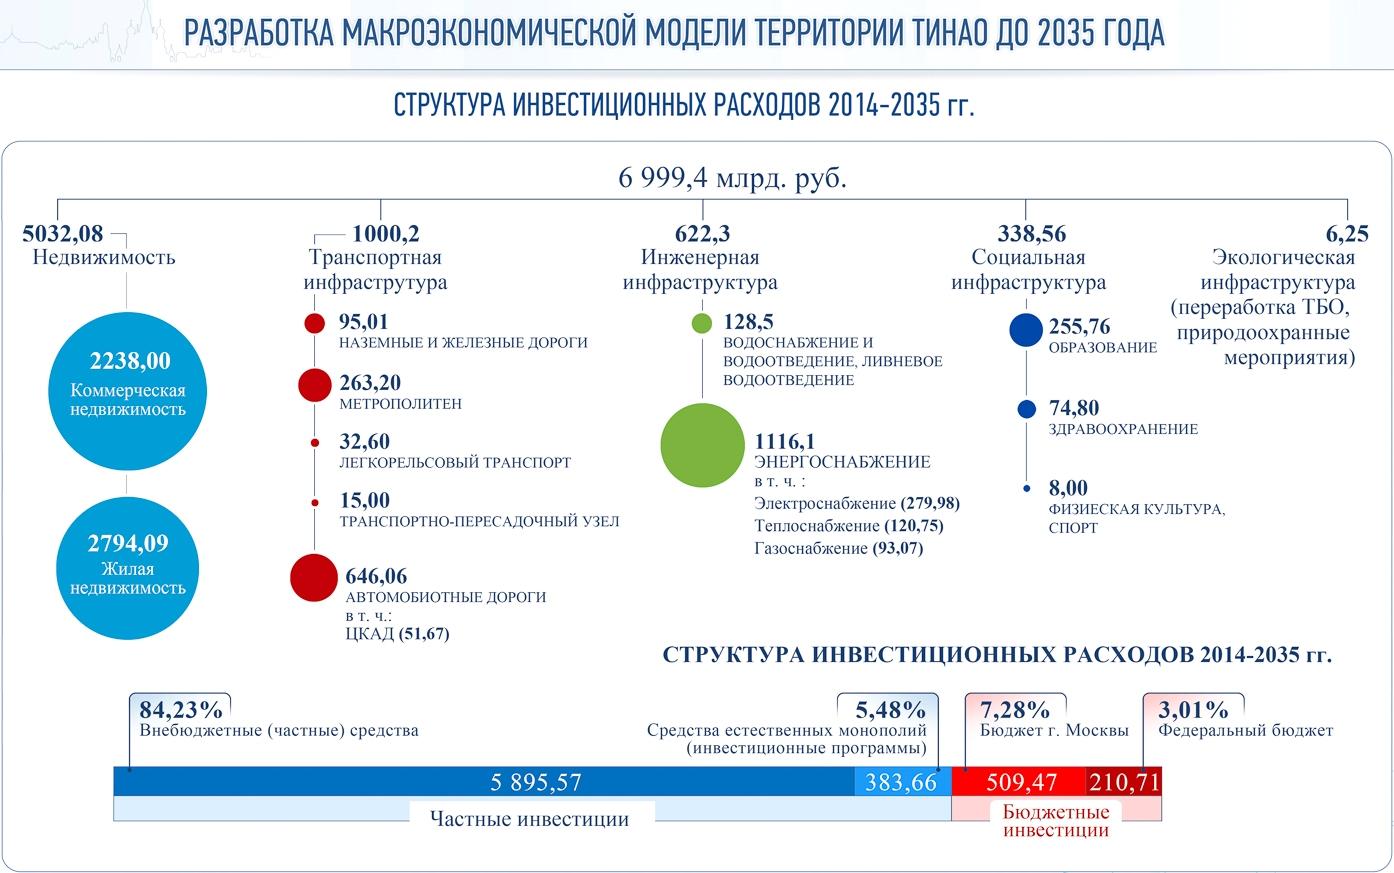 До 2035 года инвестиции в развитие «новой Москвы» составят 7 трлн рублей